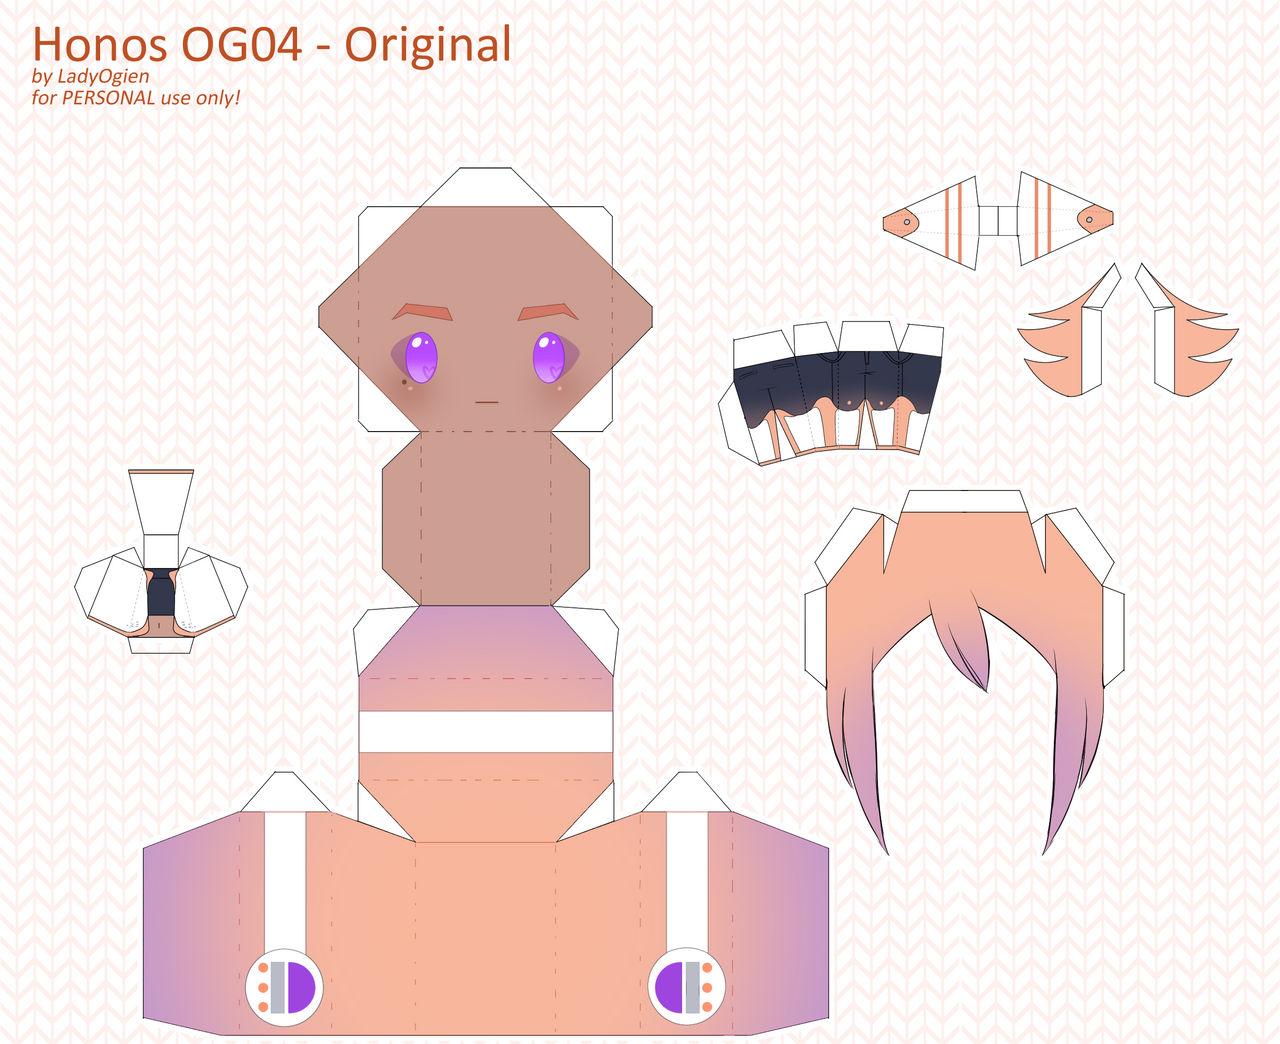 Honos OG04 Papercraft